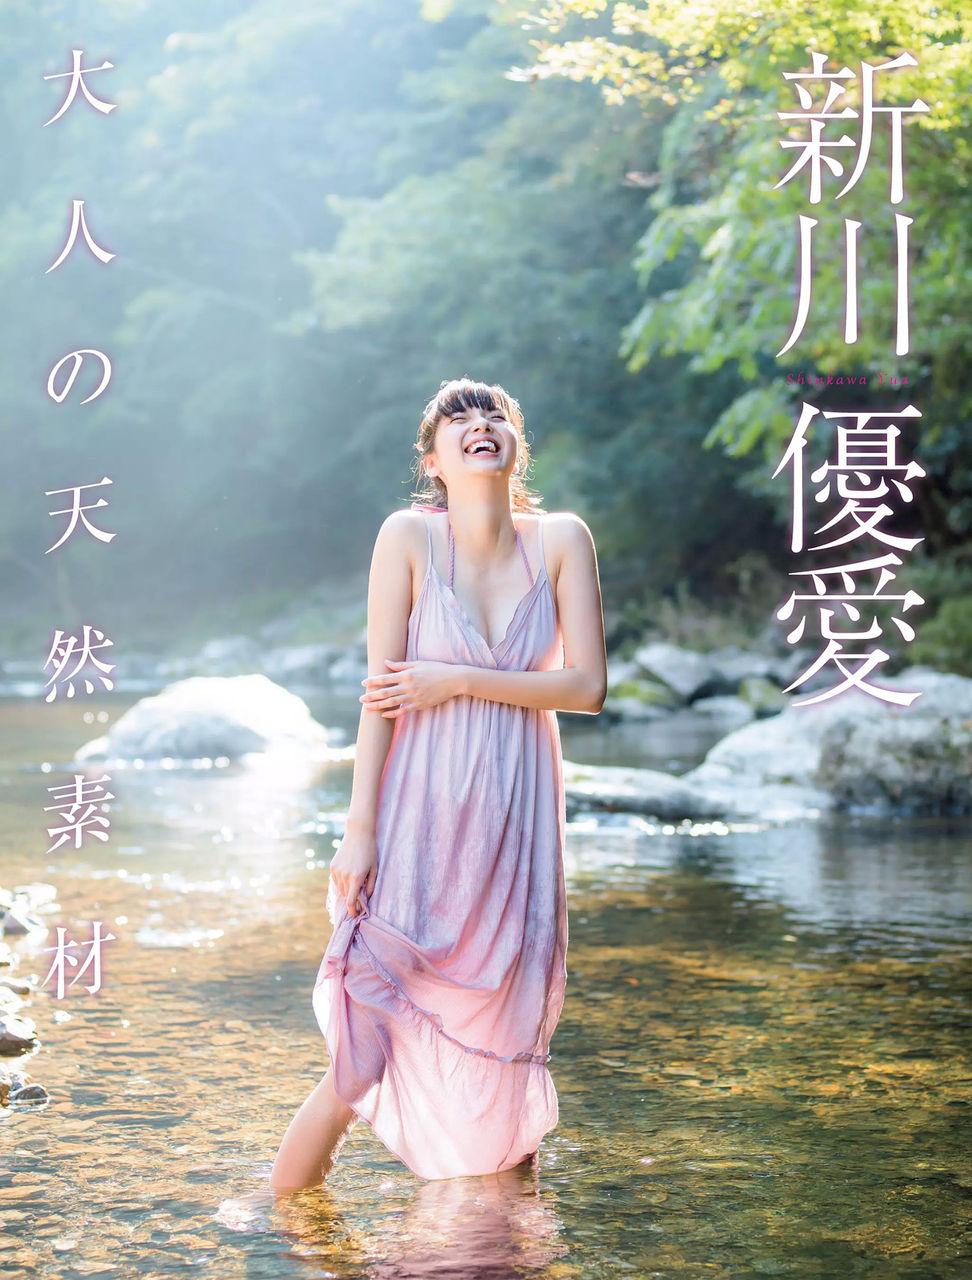 【エンタメ画像】女優 新川優愛ちゃん整形してなくてこんだけ神カワなのは凄くない!?水着グラビア画像